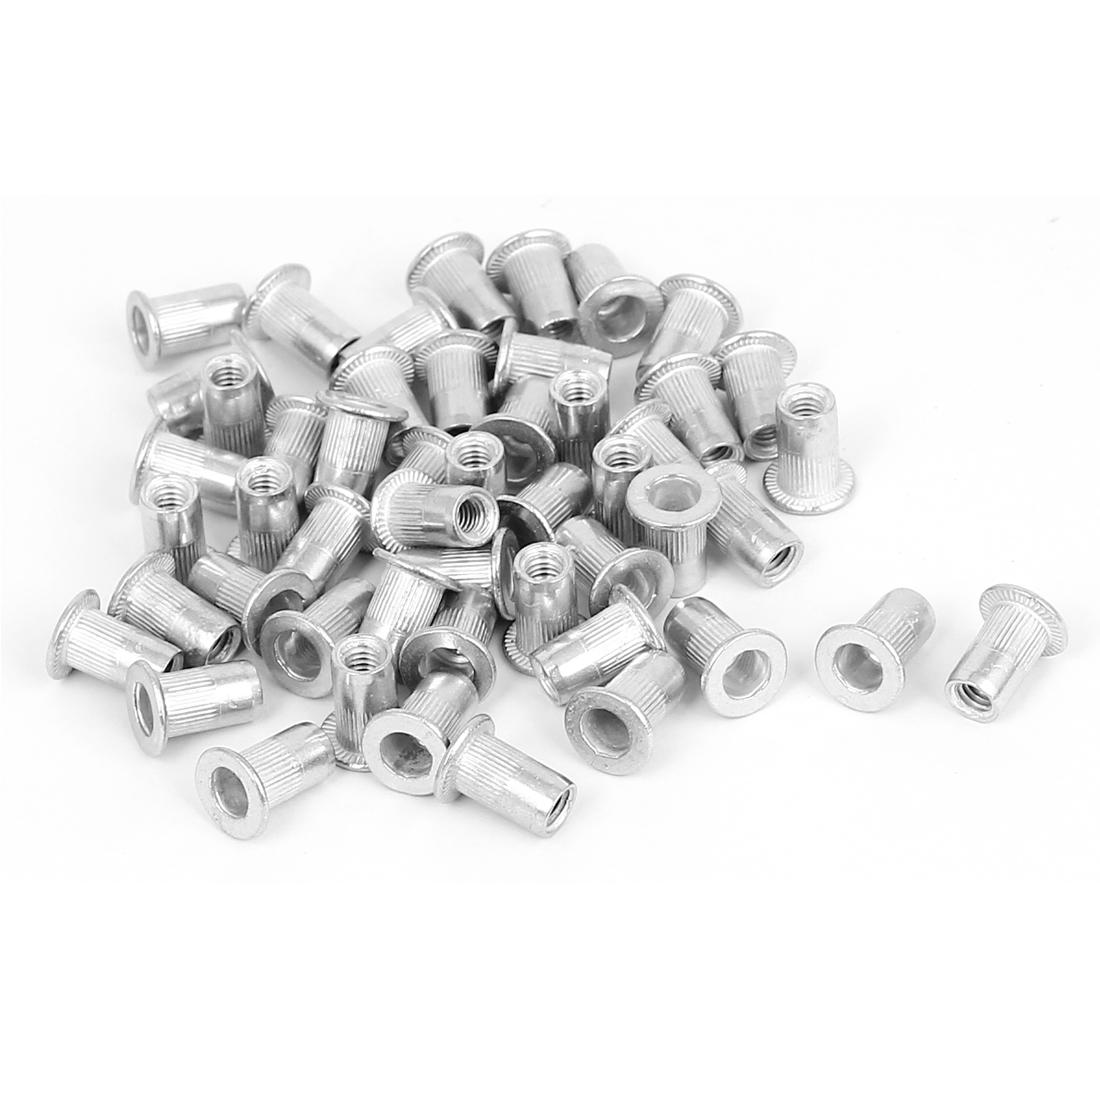 50 Pcs M4x11mm Aluminium Countersunk Head Blind Rivet Nuts Nutserts